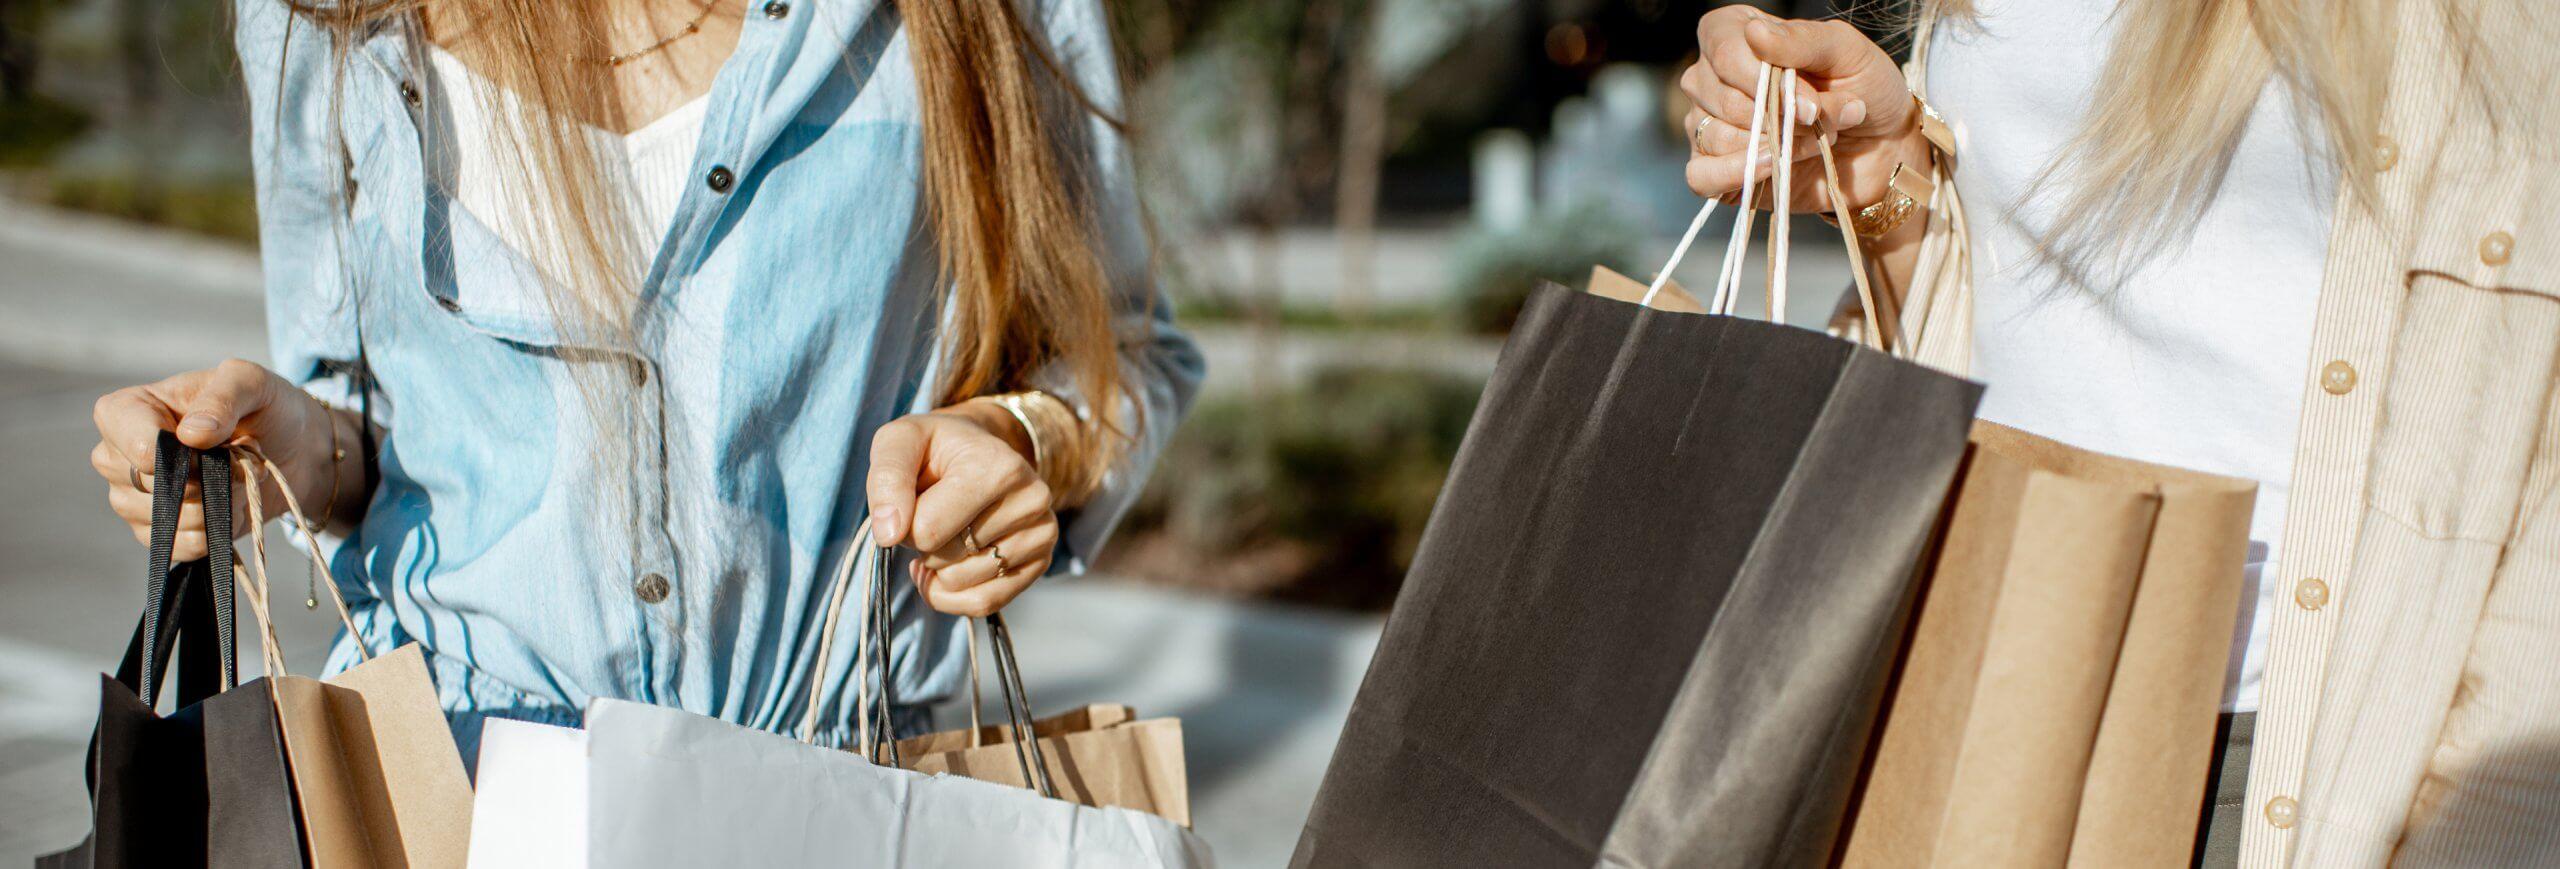 Zwei Mädchen mit Shopping Bags